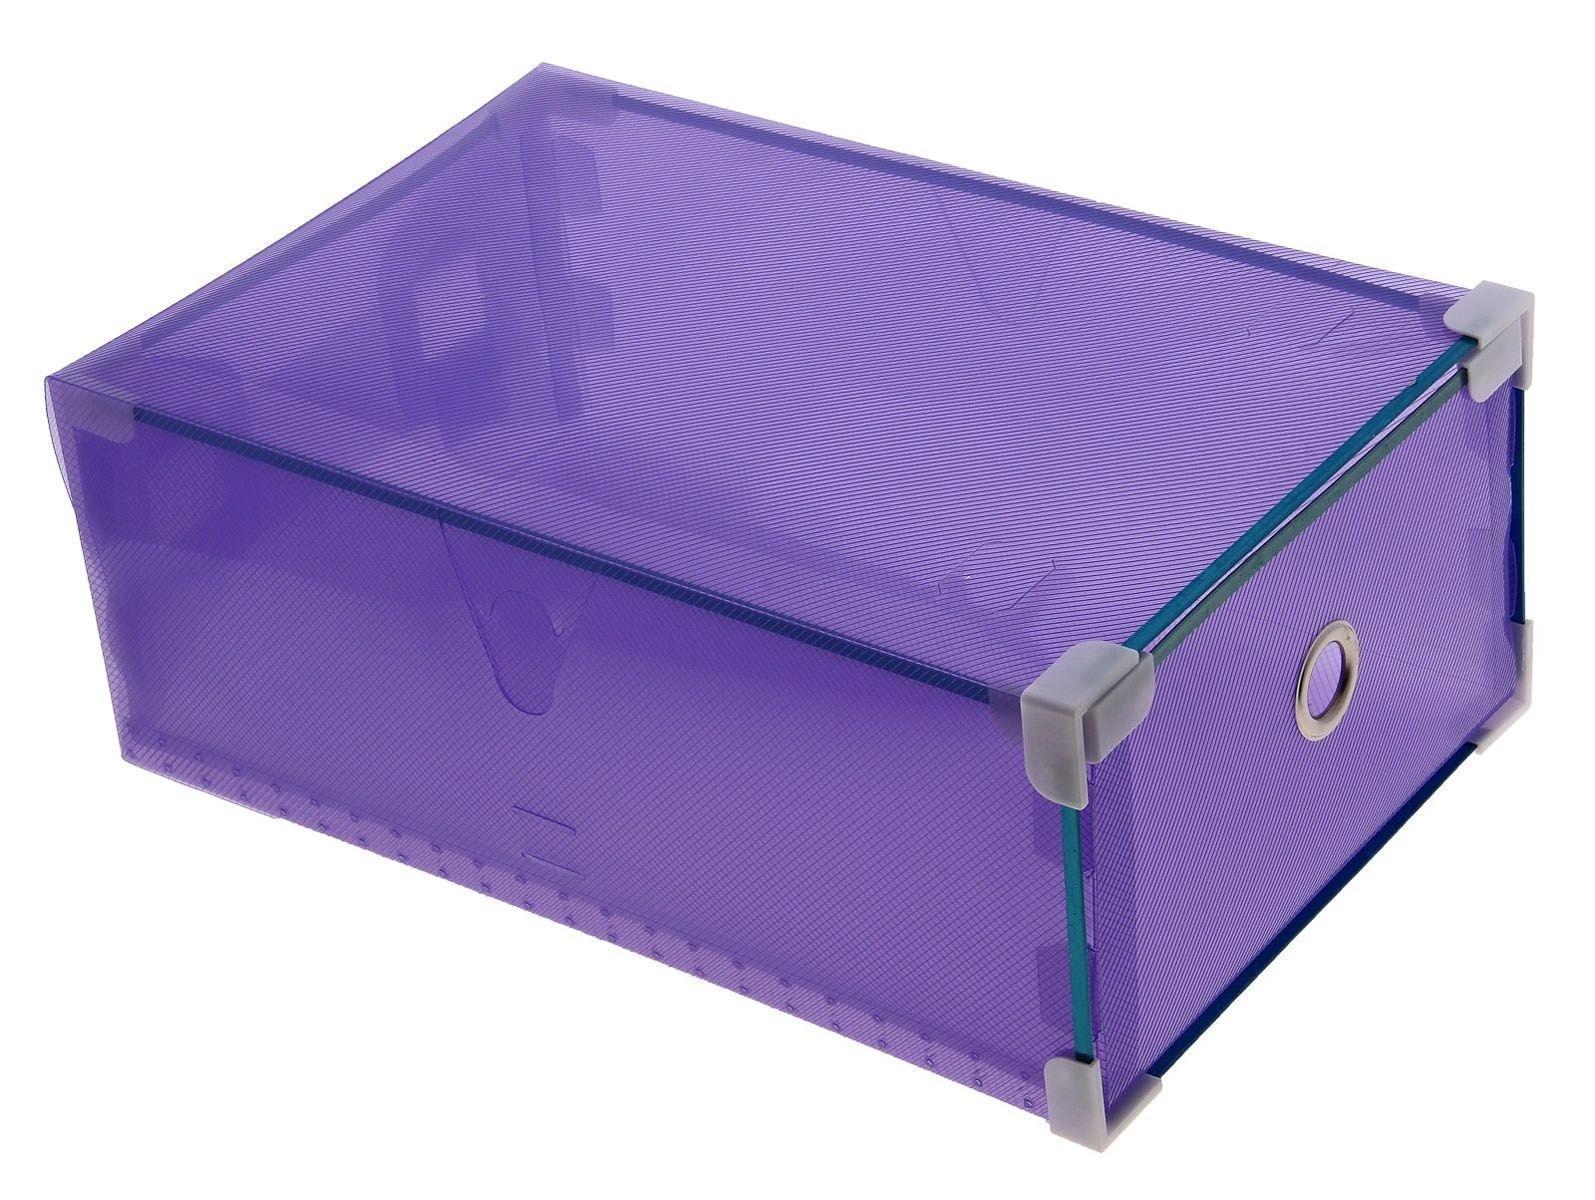 короб для хранения выдвижной 34*22*12см сиреневый 709970